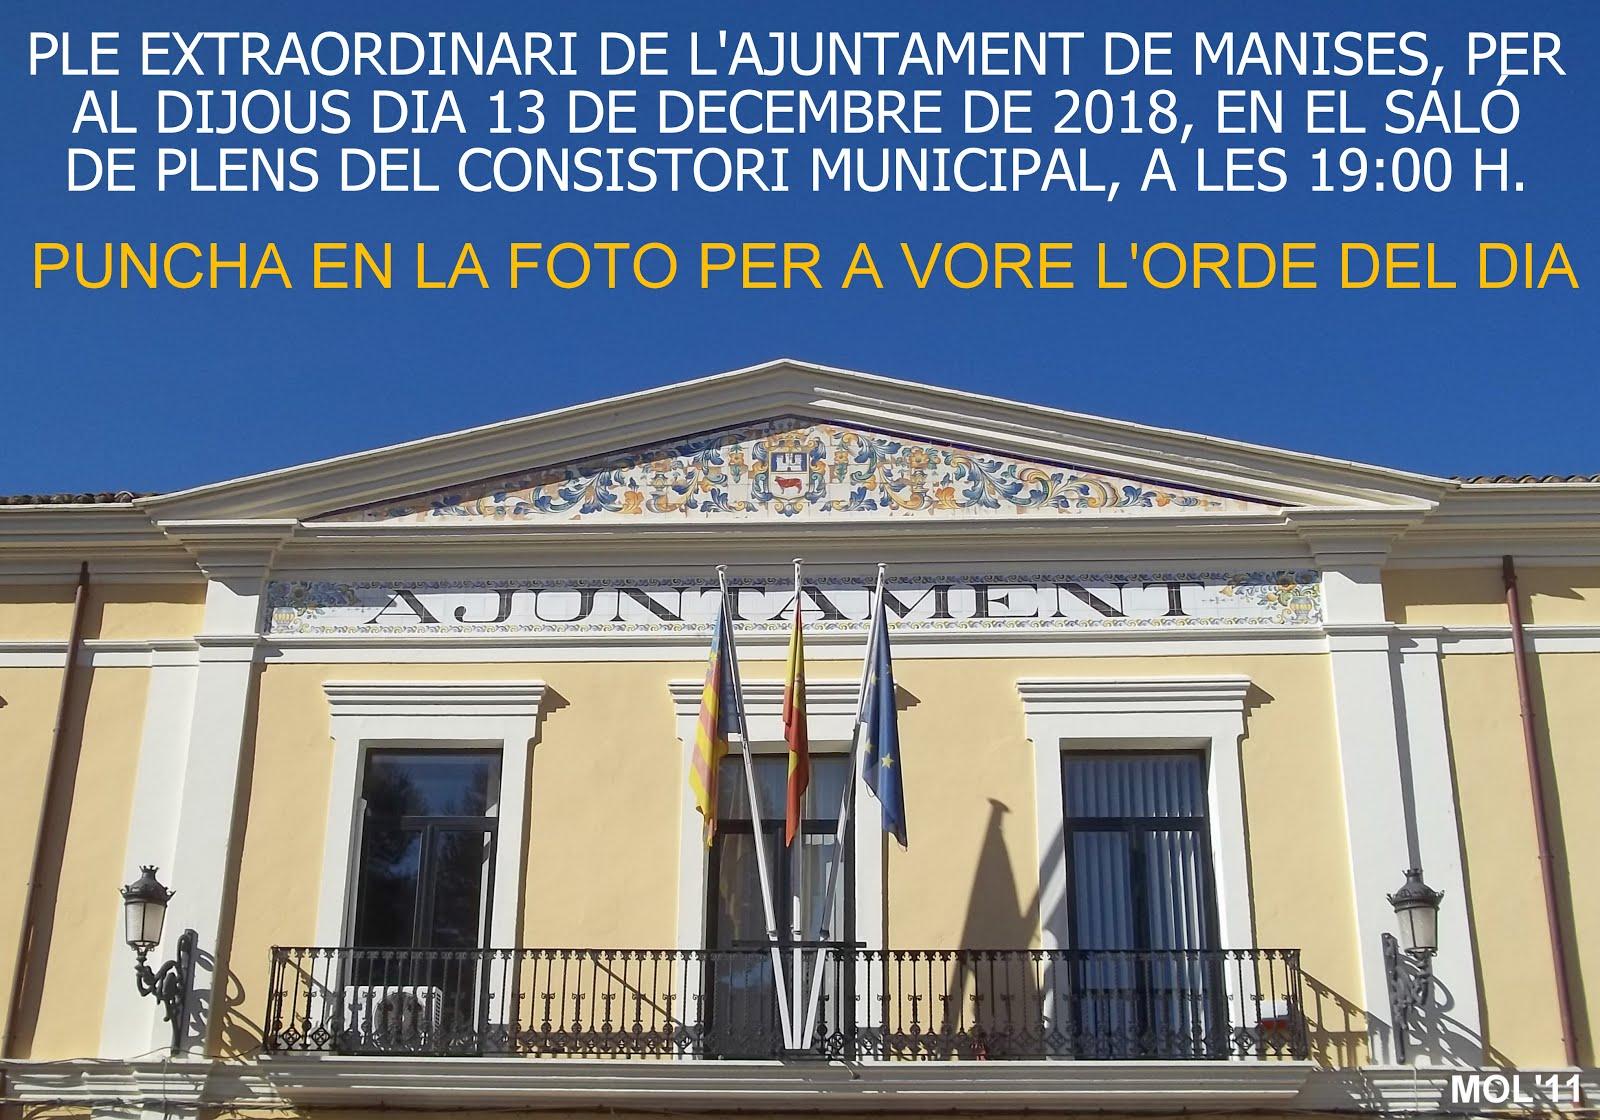 13.12.19 PLENO EXTRAORDINARIO DEL AYUNTAMIENTO DE MANISES